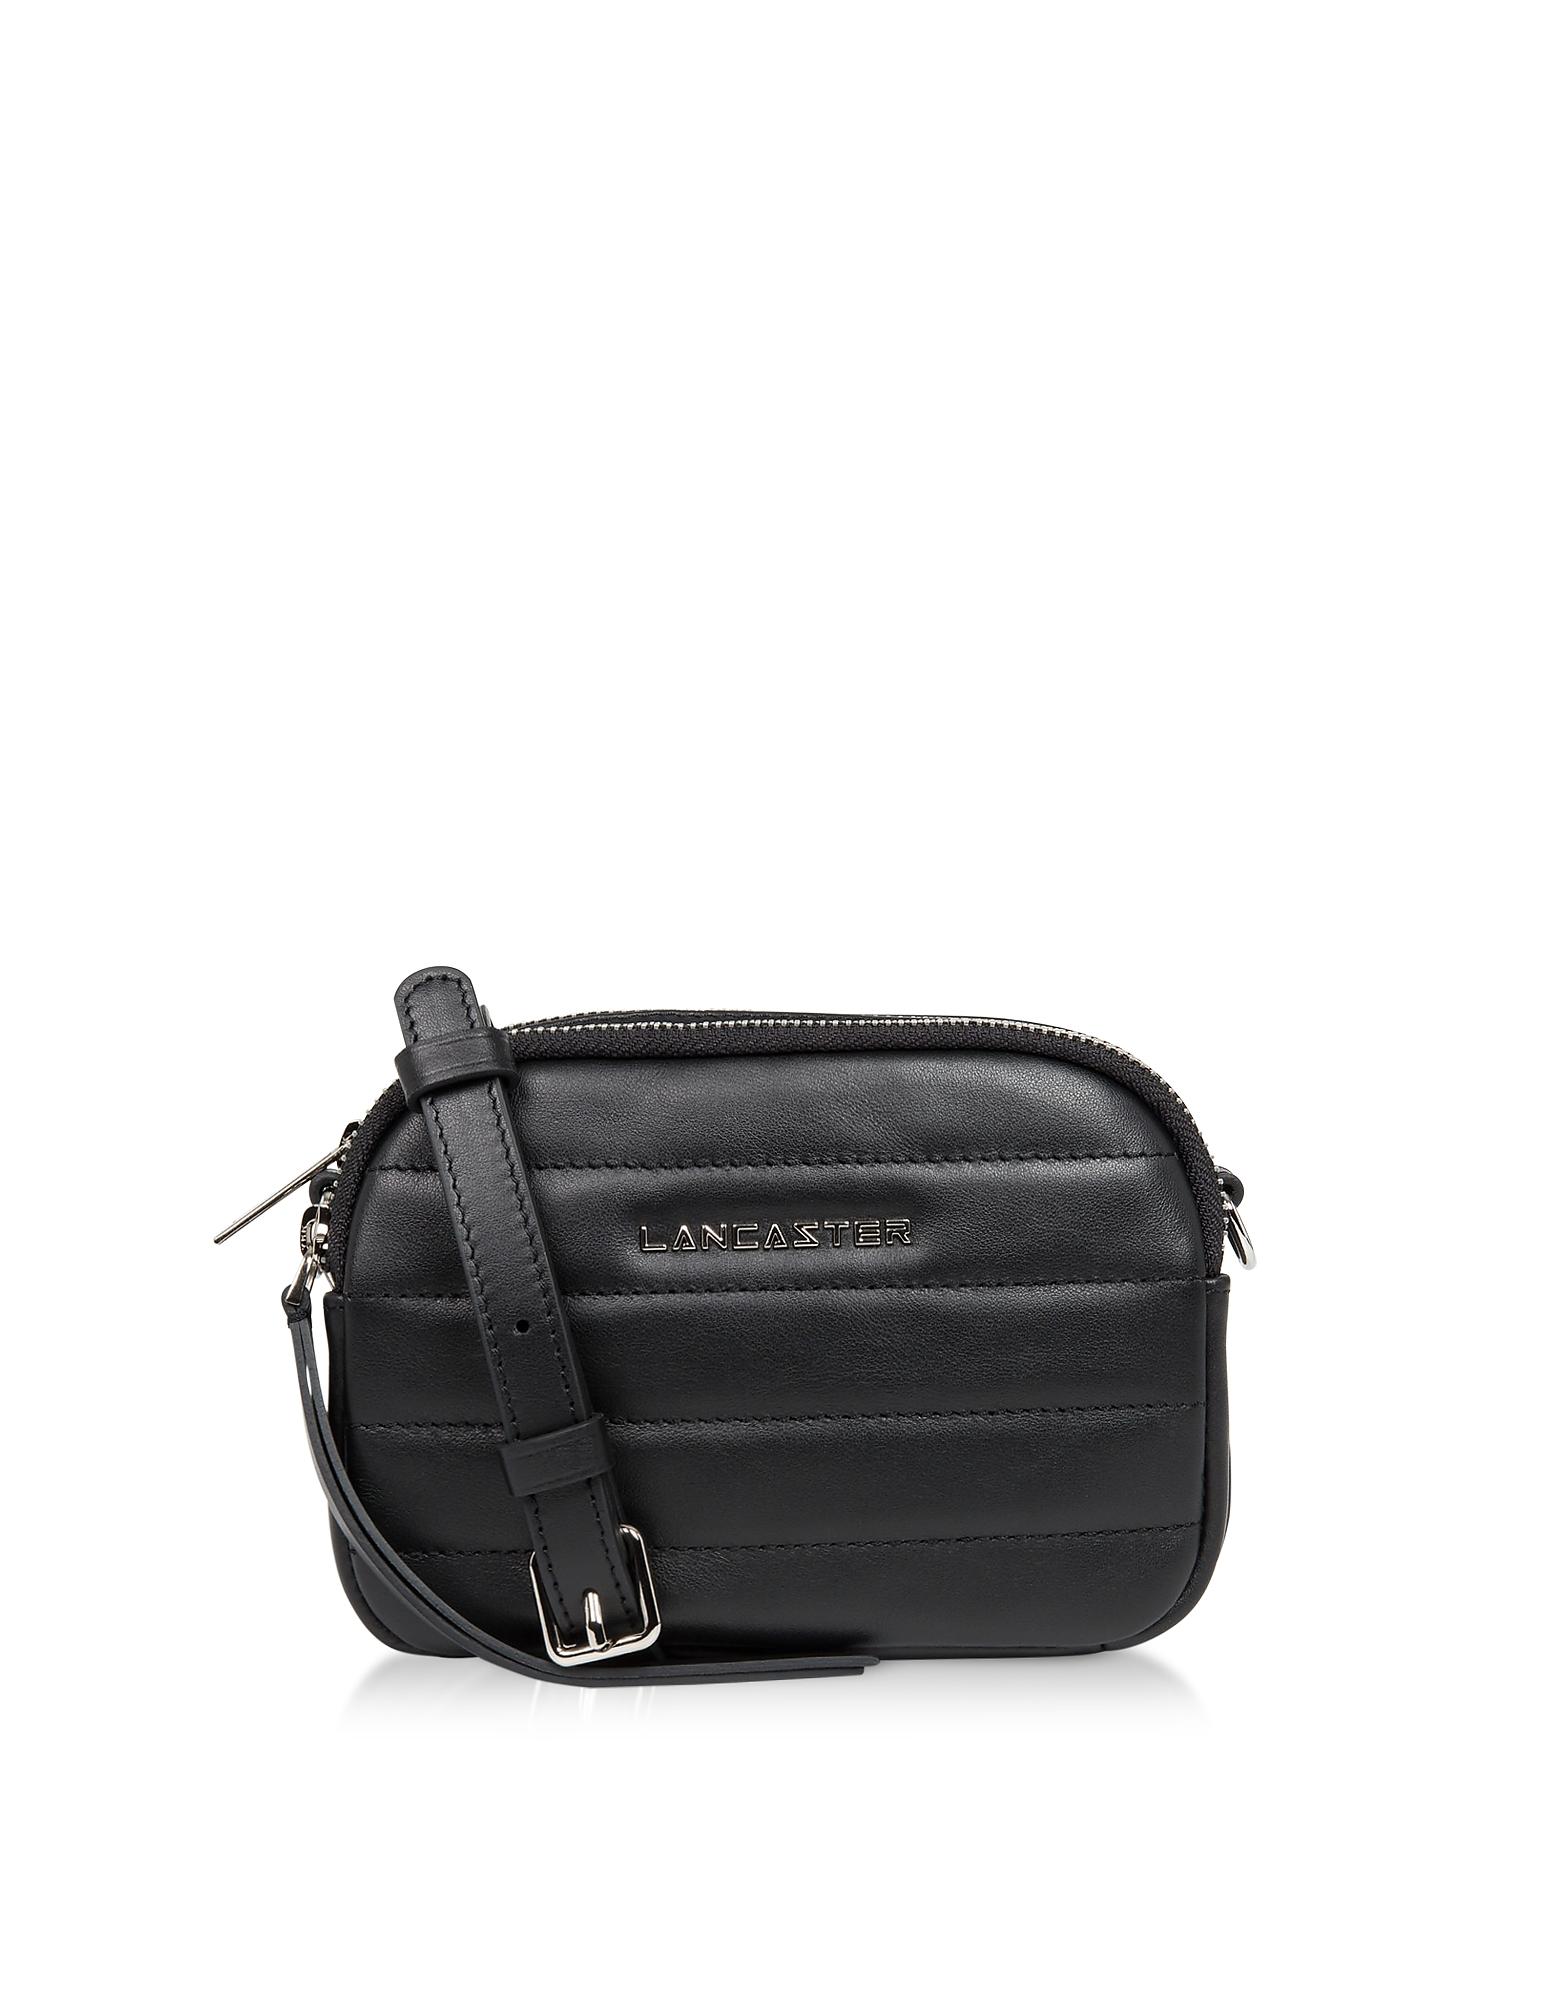 Lancaster Paris Designer Handbags, Parisienne Couture Mini Crossbody Bag